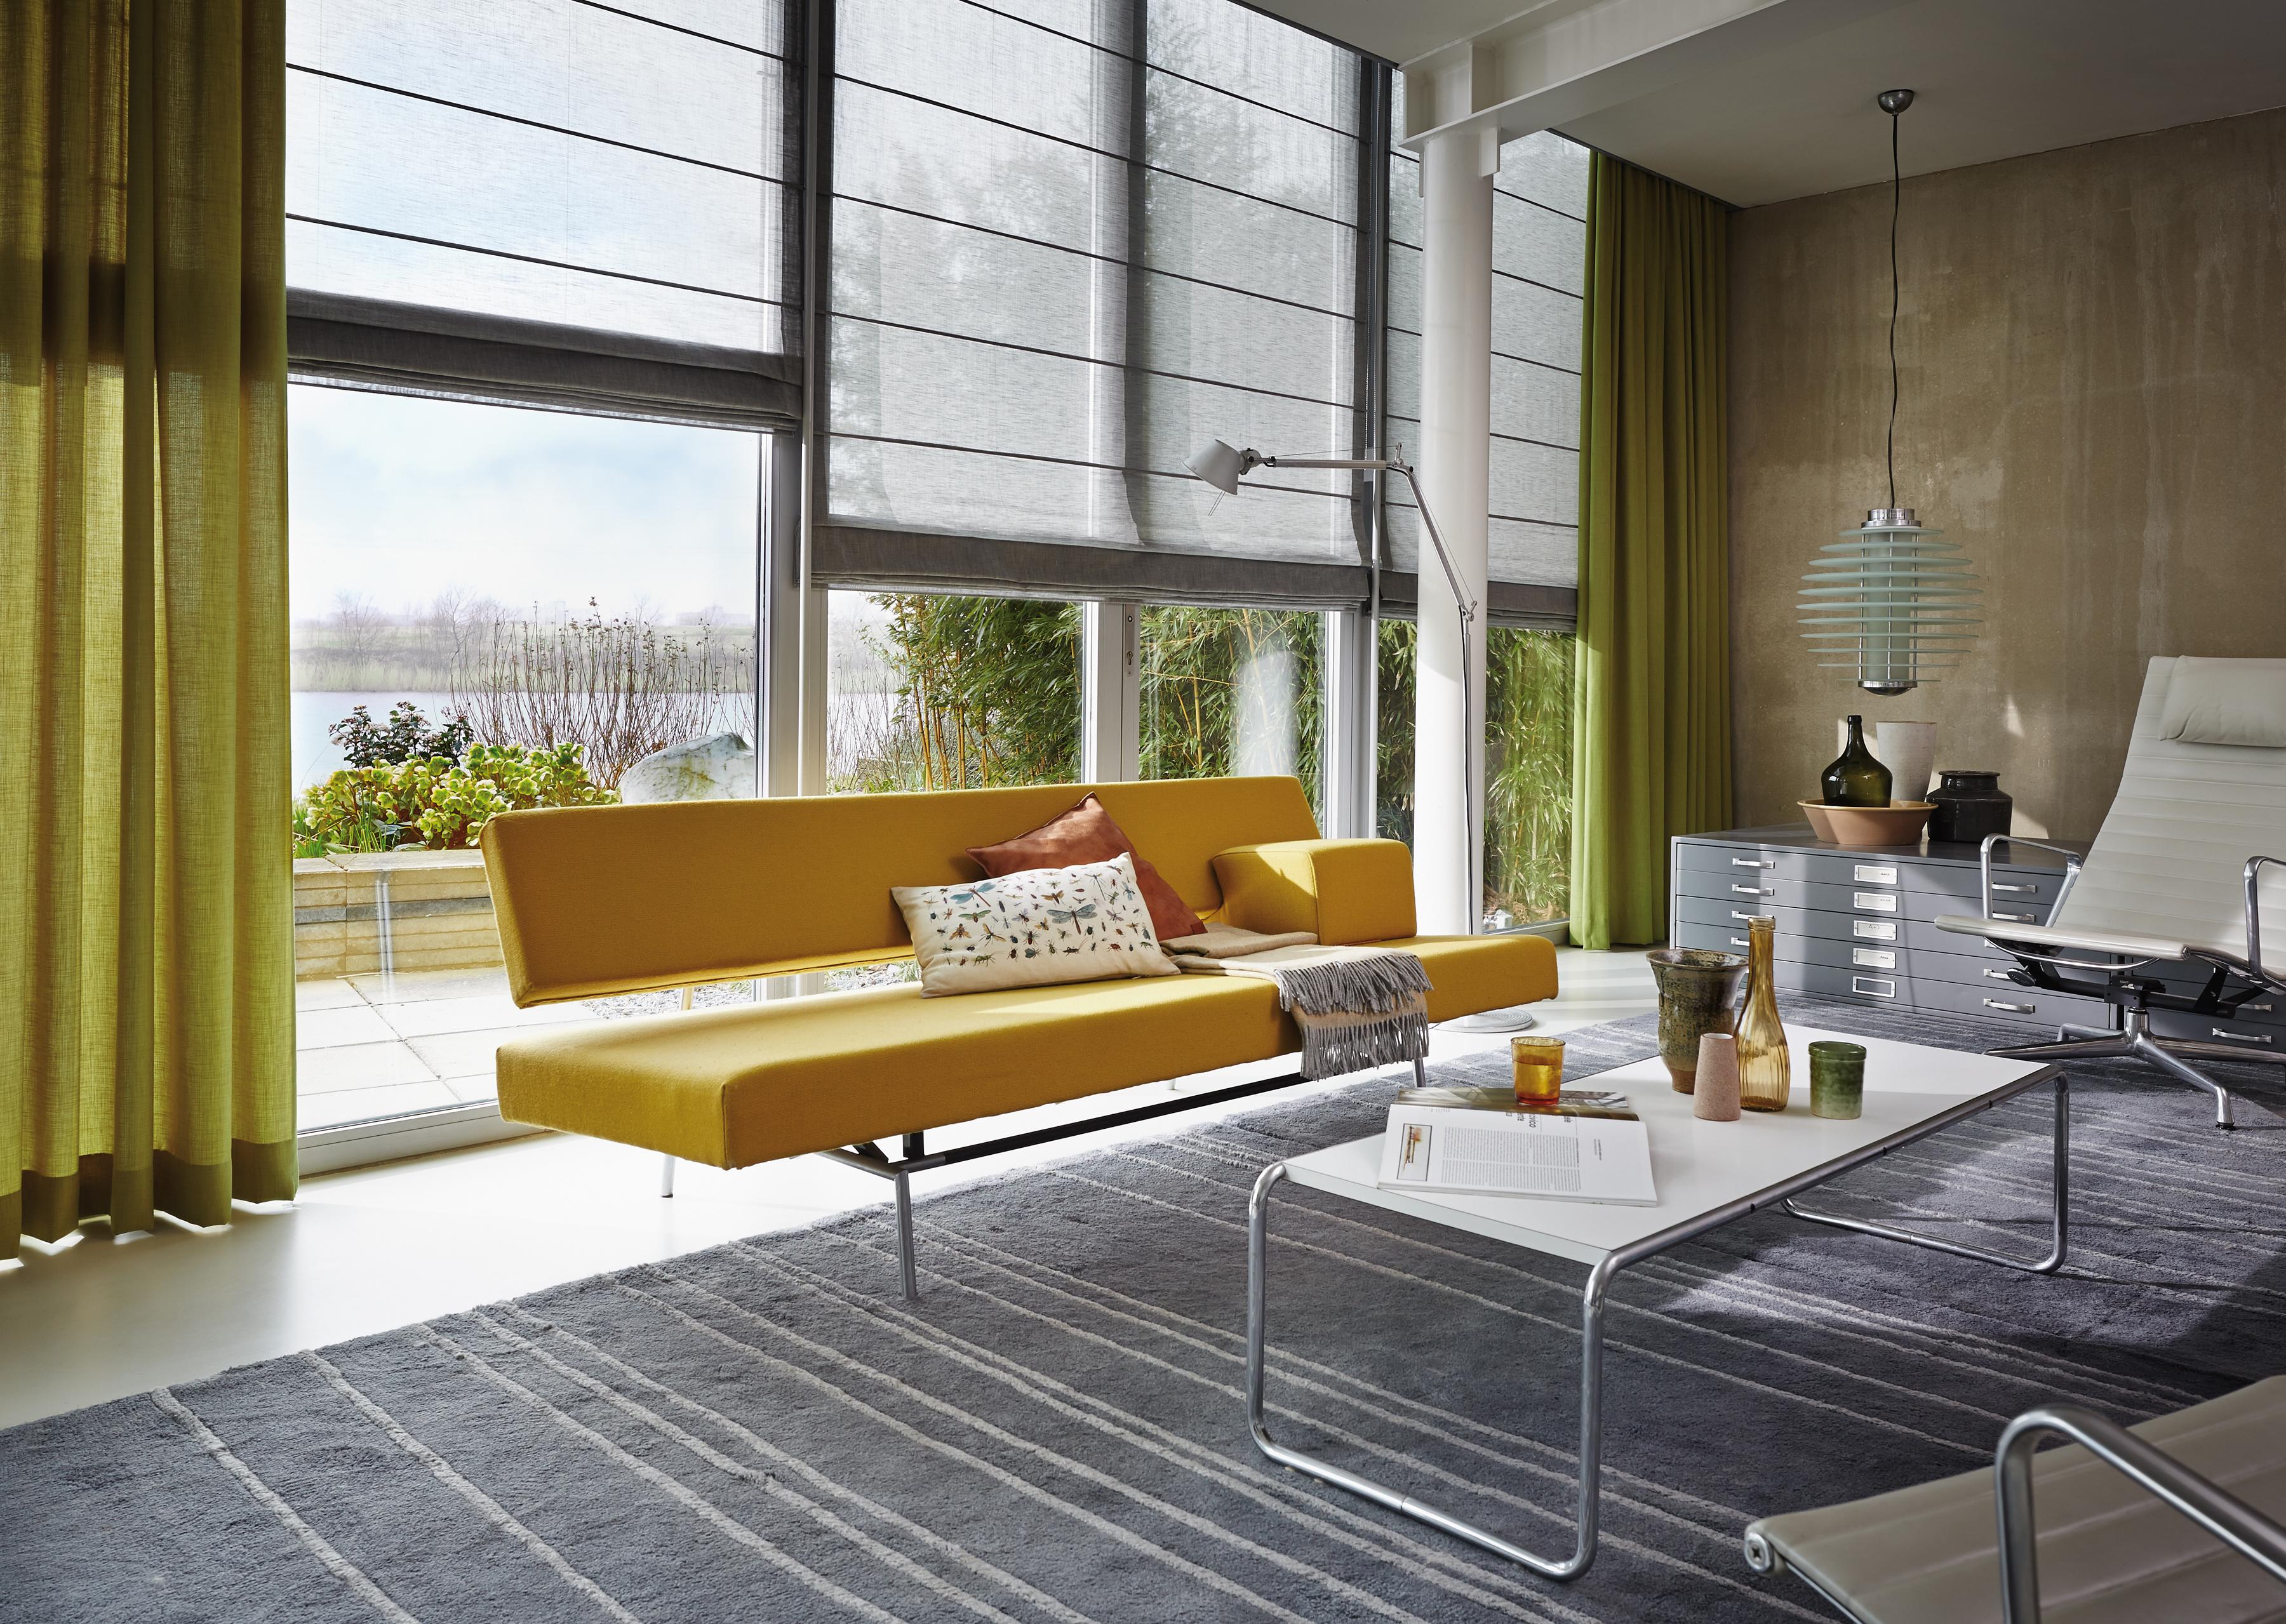 Raambekleding in 2014: rustige kleuren en natuurlijke materialen ...